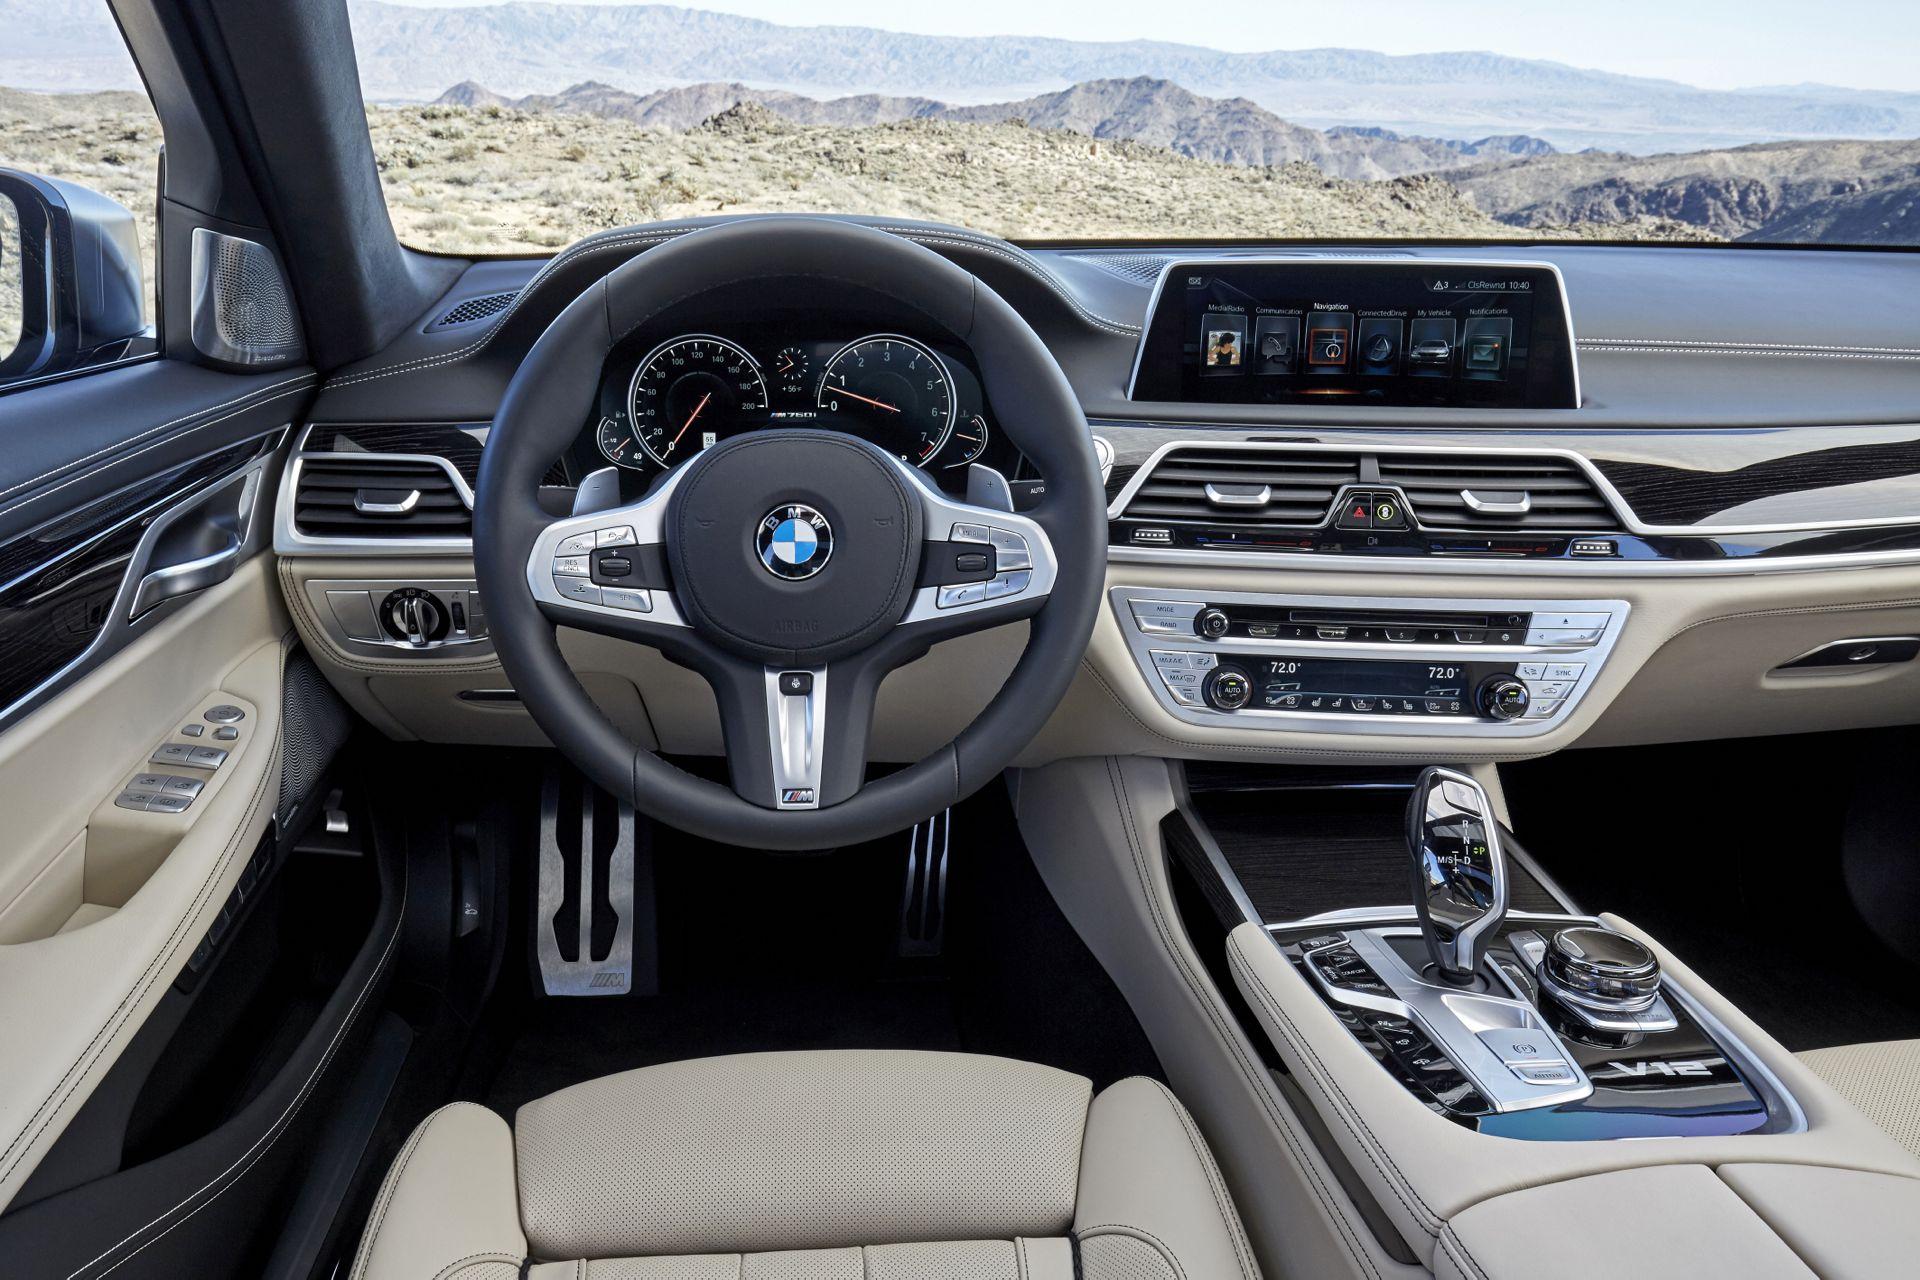 BMW 760Li xDrive Cockpit